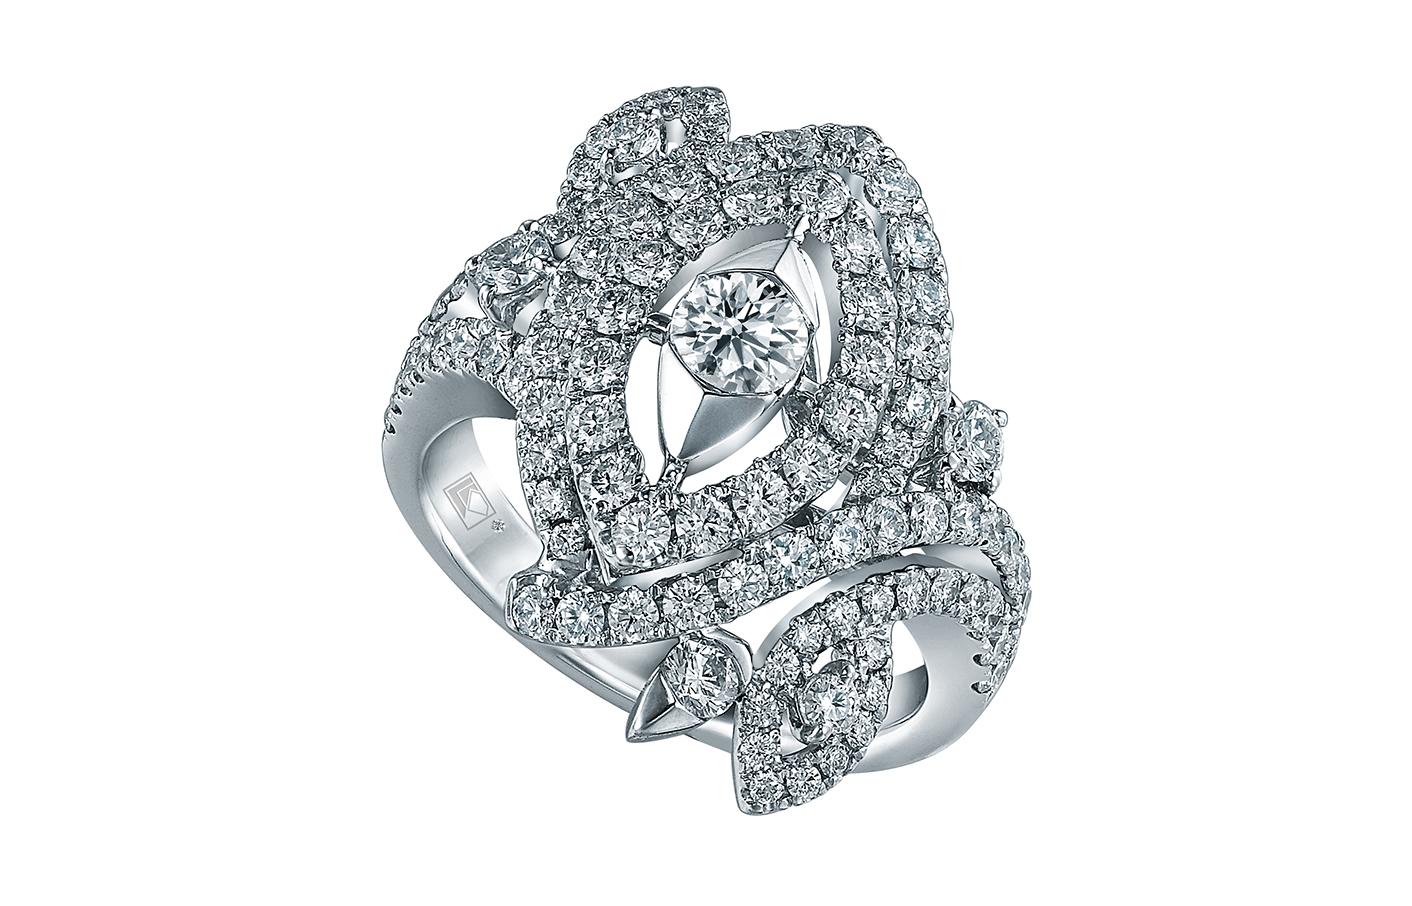 妍雅系列幻彩II指環,鑲有102顆共重1.727卡鑽石。麗澤圓形主鑽鑲似欖形美鑽,一對同心欖形環繞主鑽及小鑽鑲嵌,外圍的欖形線條從兩側繞過,盡顯精巧華麗的造工。